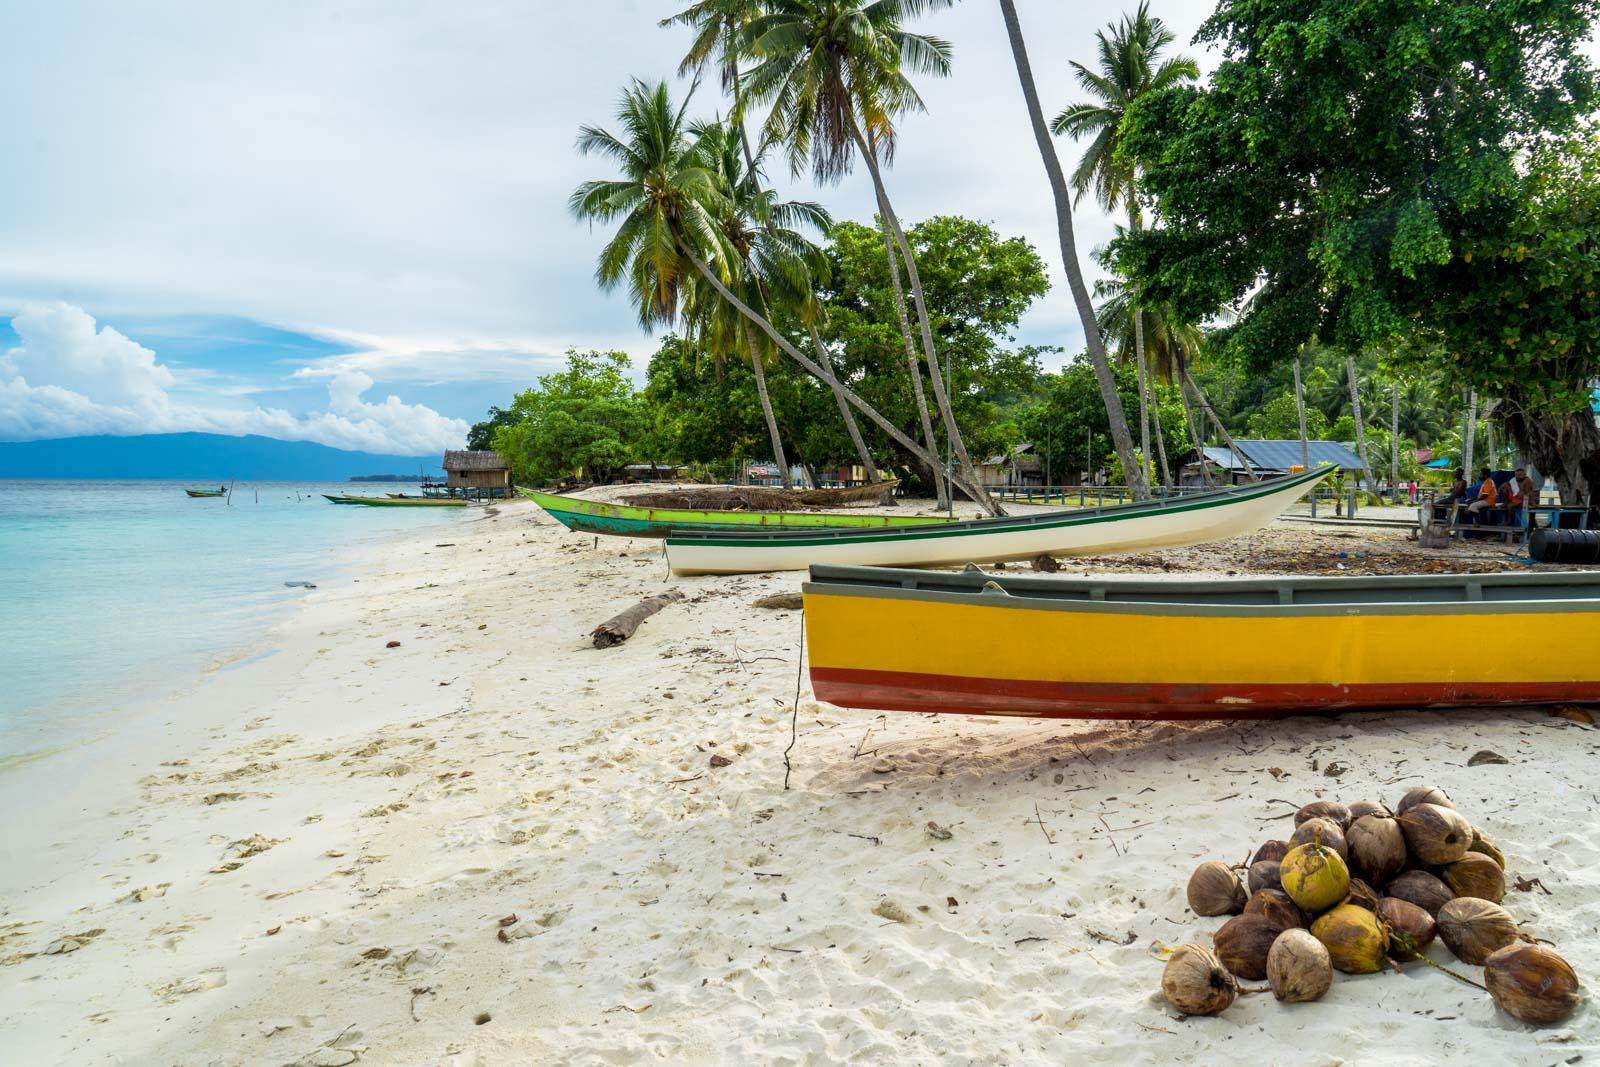 Sauandarek Village, West Papua, Indonesia